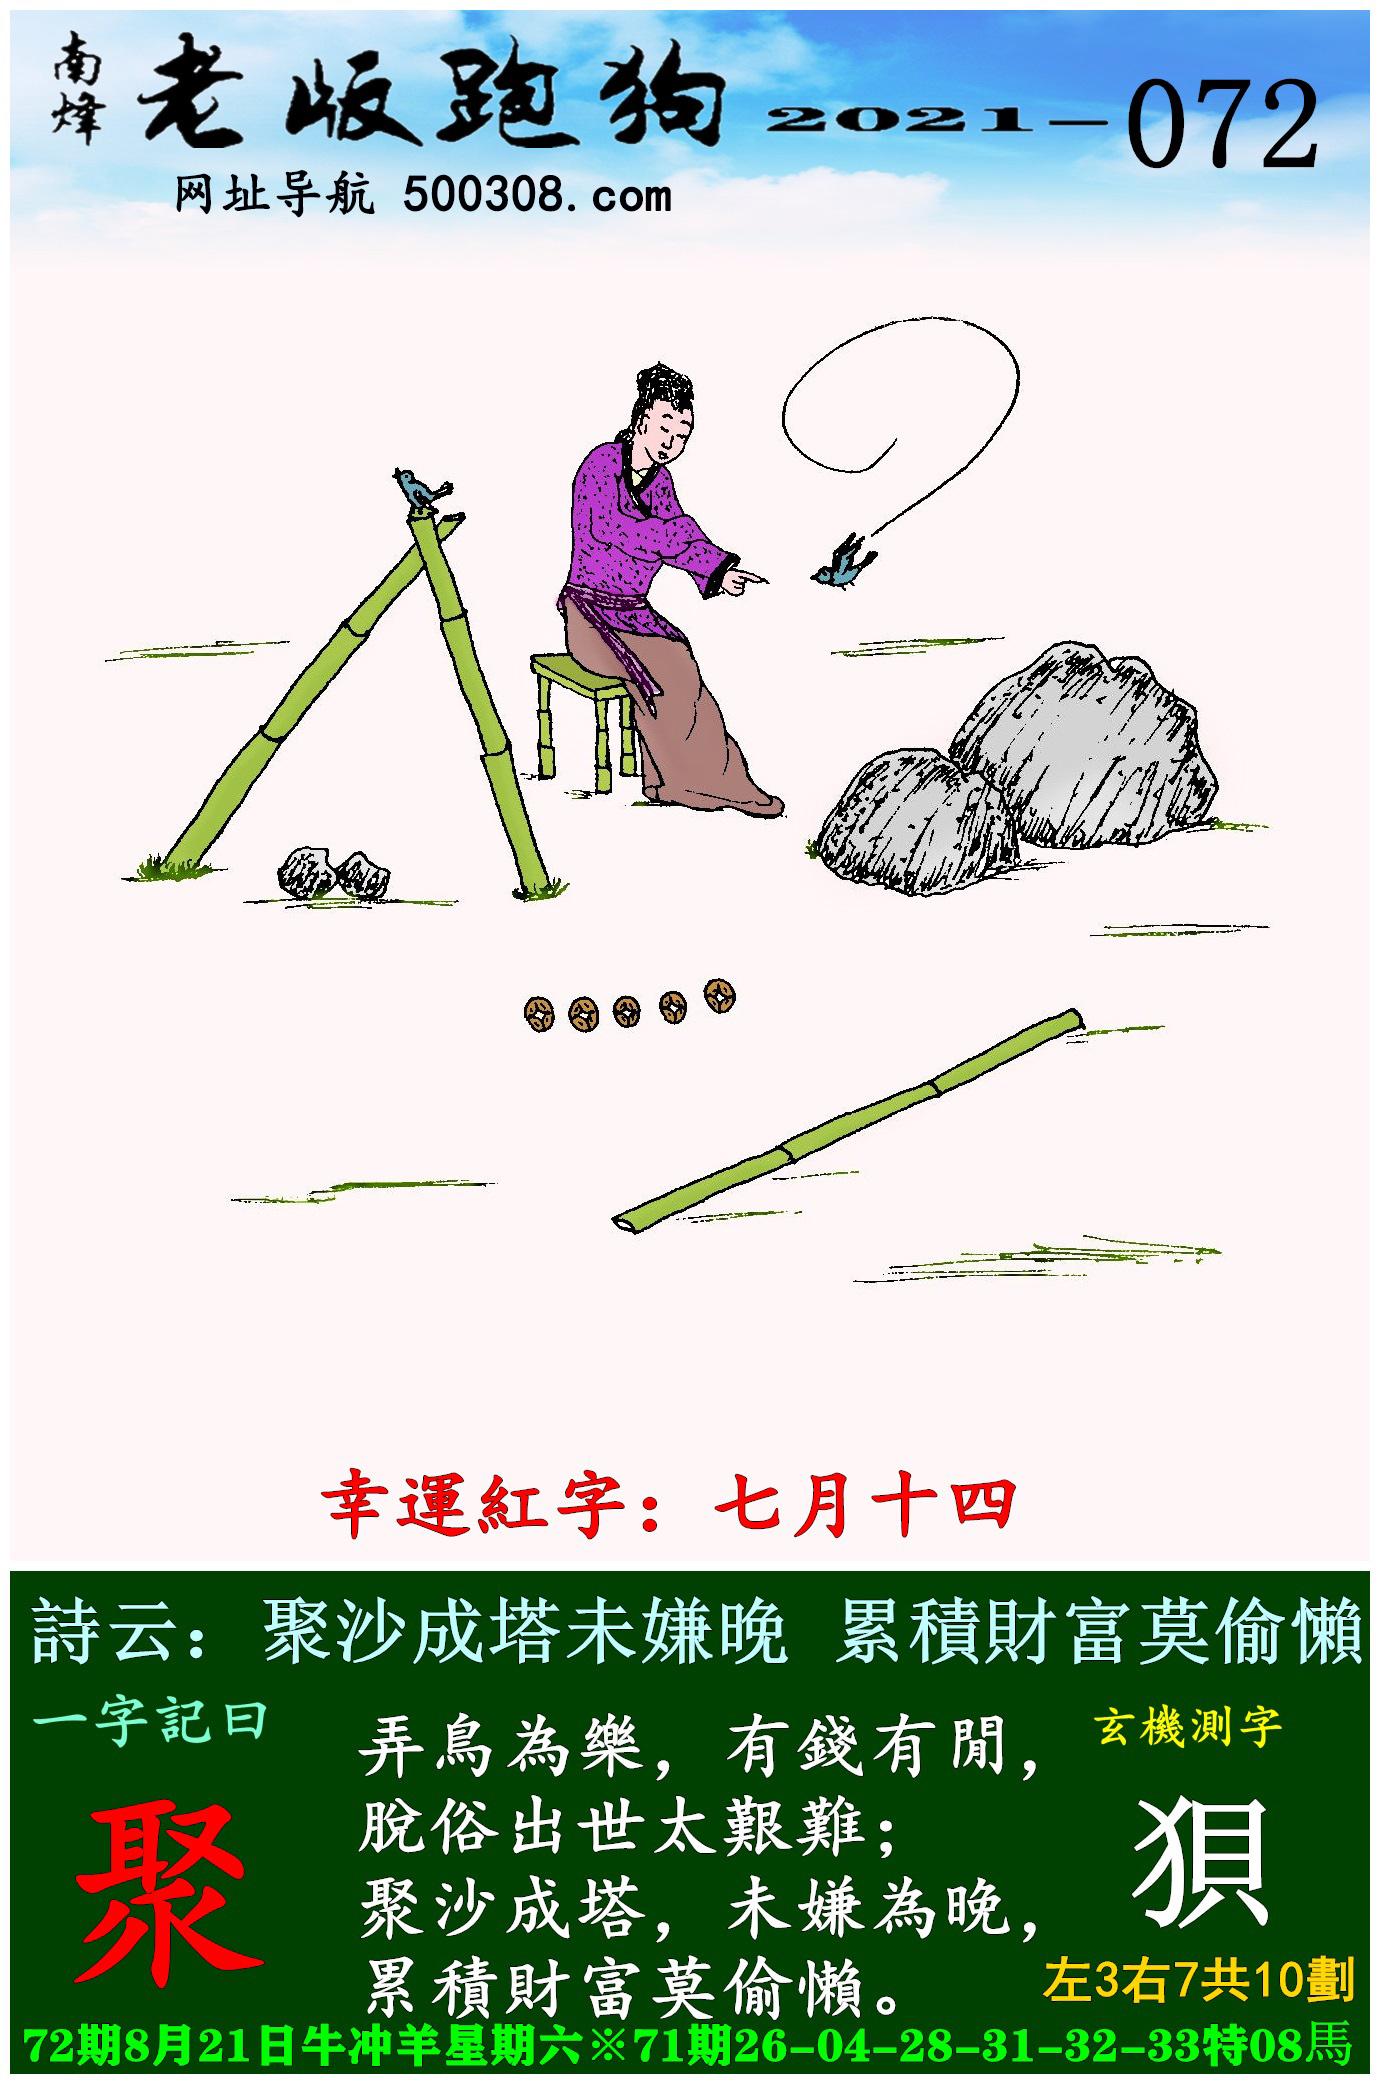 072期老版跑狗一字�之曰:【聚】 ��:聚沙成塔未嫌晚,累�e�富莫偷�小�